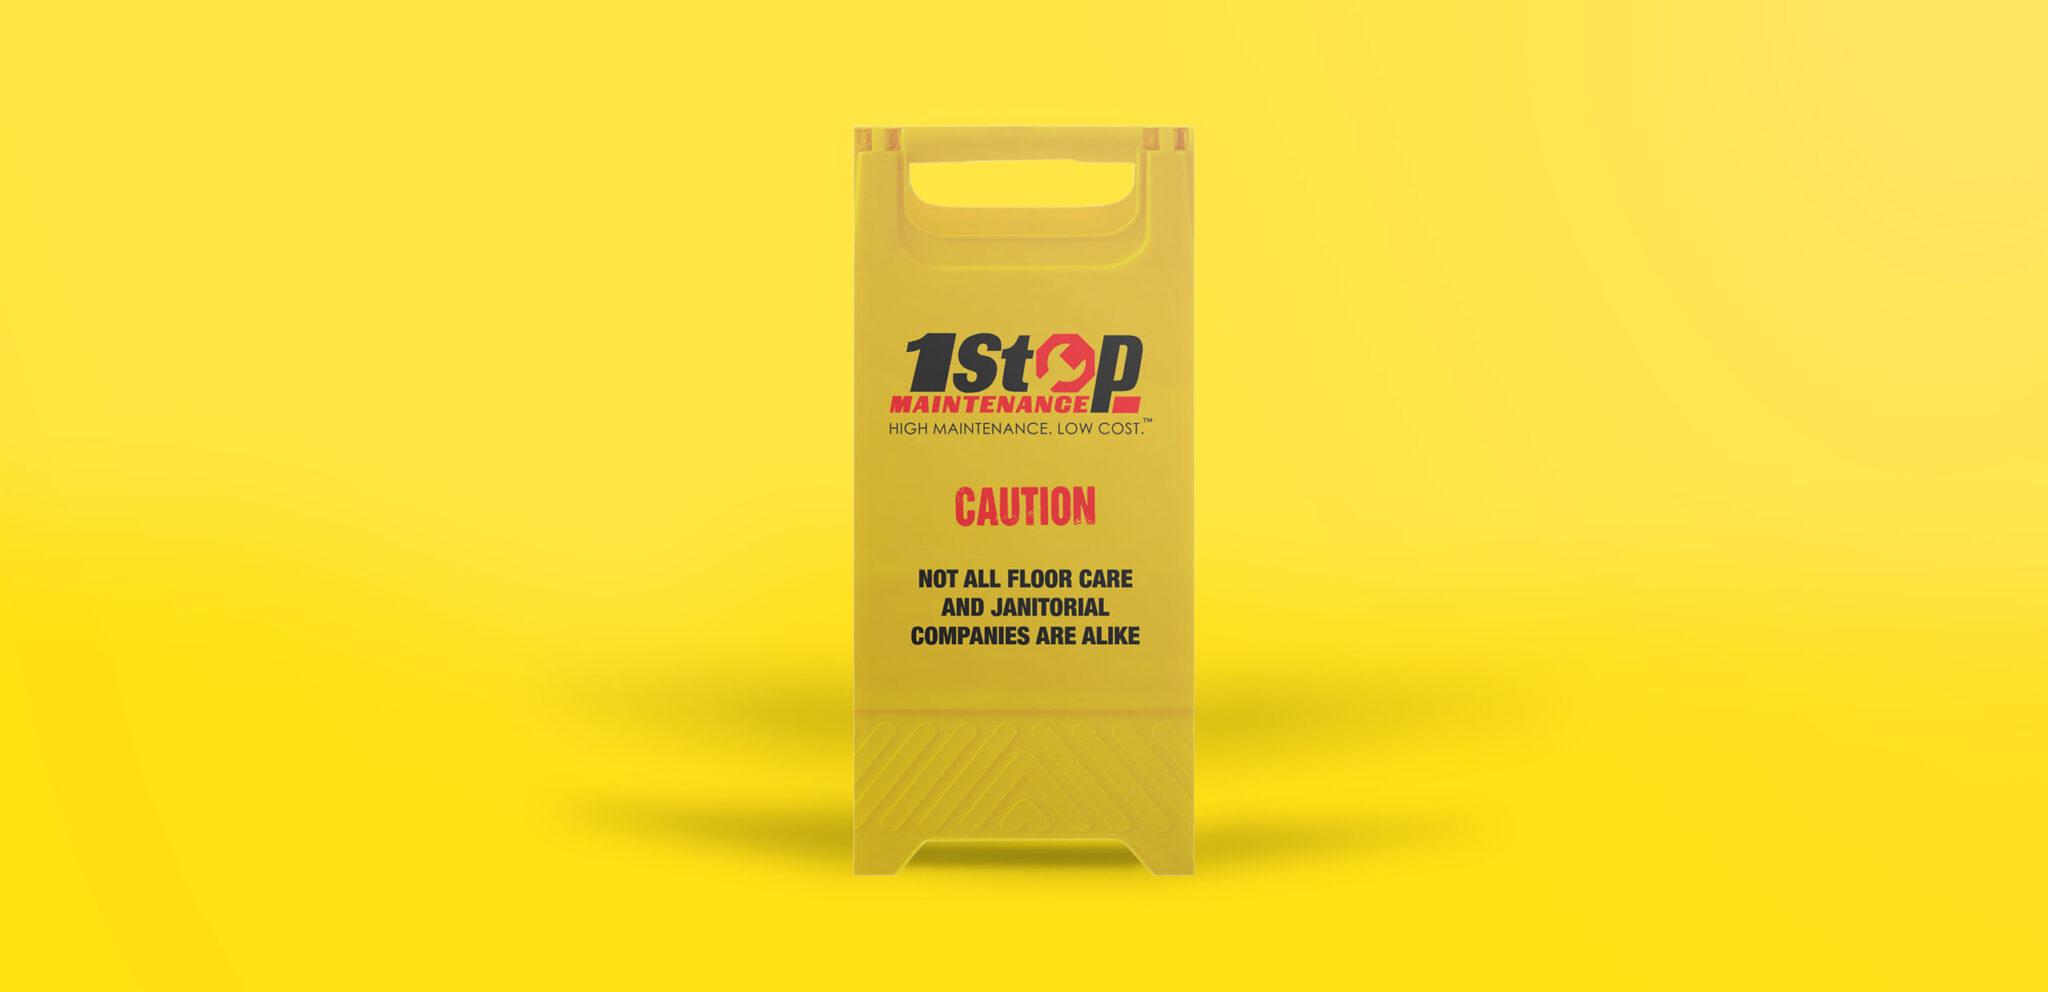 1 Stop Maintenance Caution Wet Floor Sign